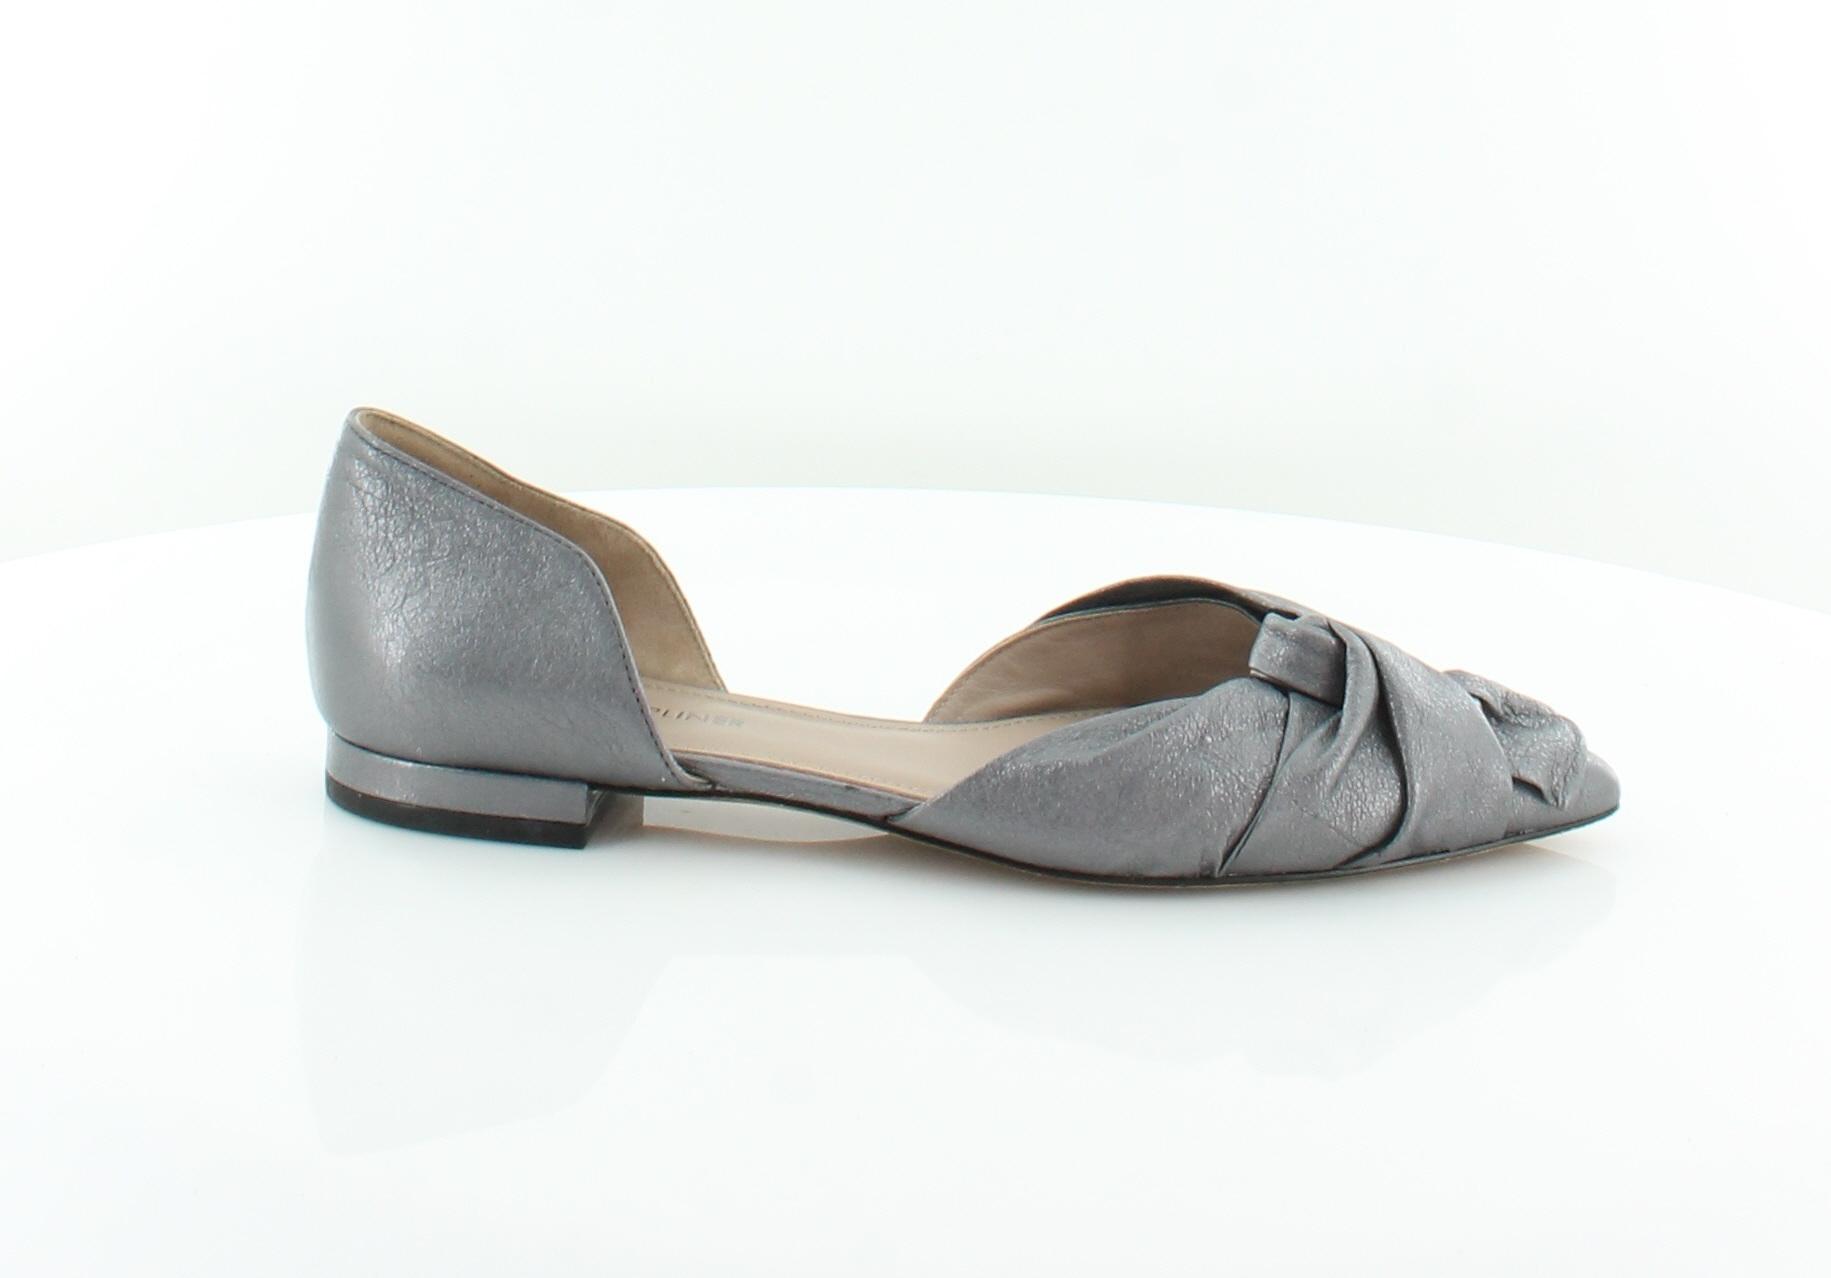 3c6066df08c Details about Donald J Pliner Pennie Gray Womens Shoes Size 6 M Flats MSRP  $228